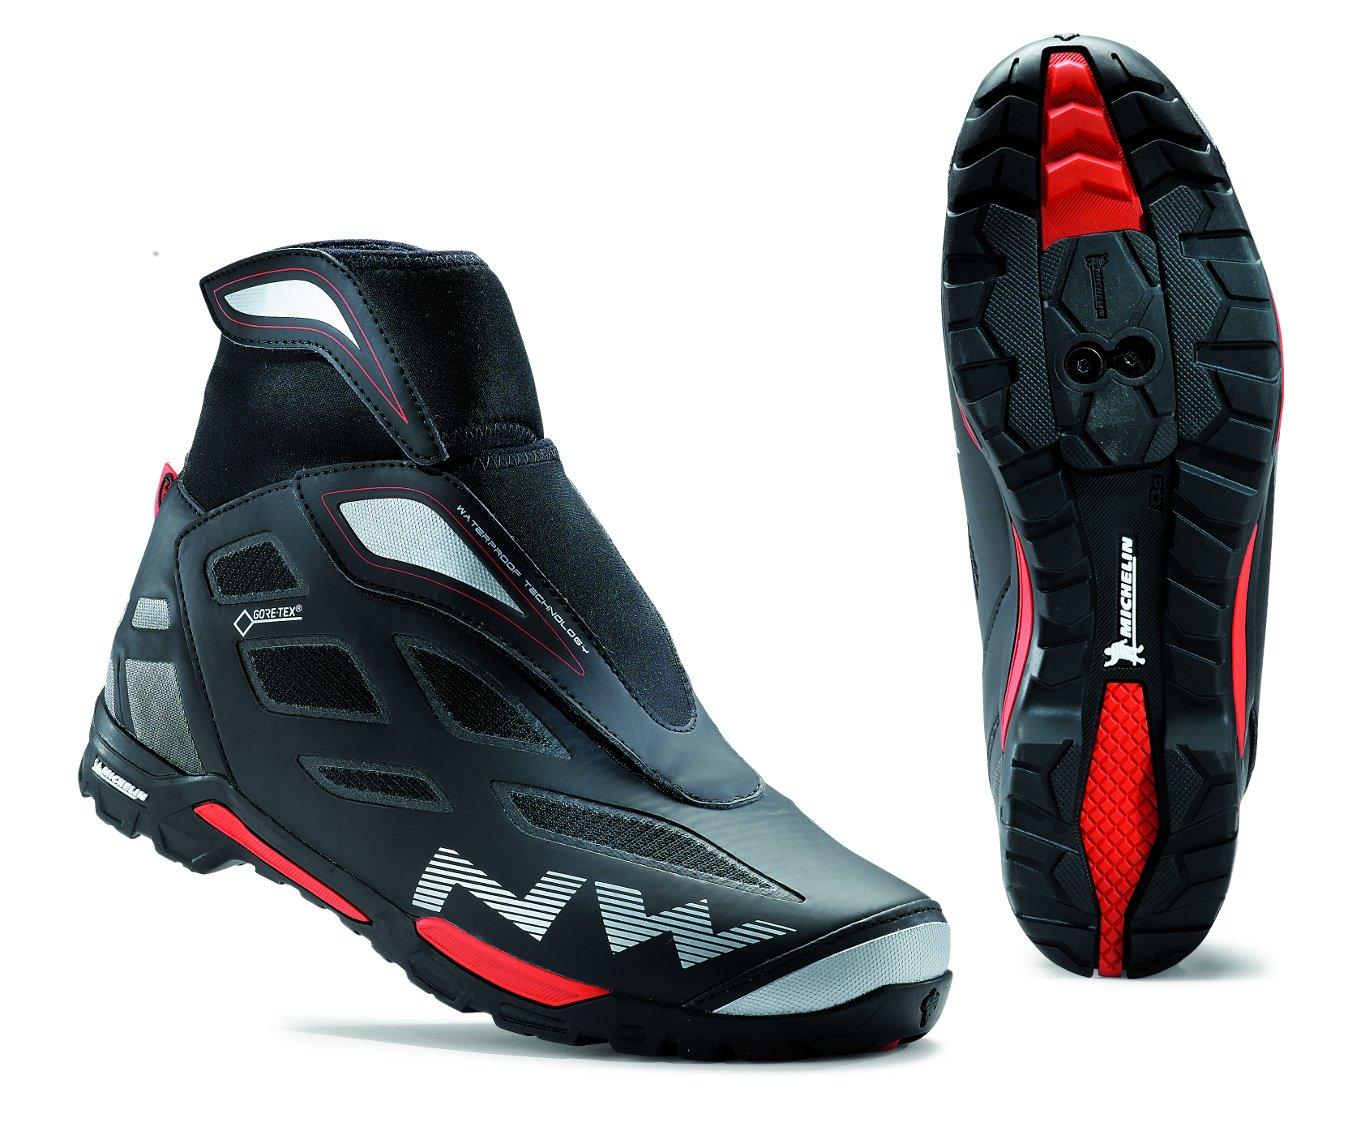 Zapatos de trekking NORTHWAVE X-CROSS GTX negros: Amazon.es: Deportes y aire libre